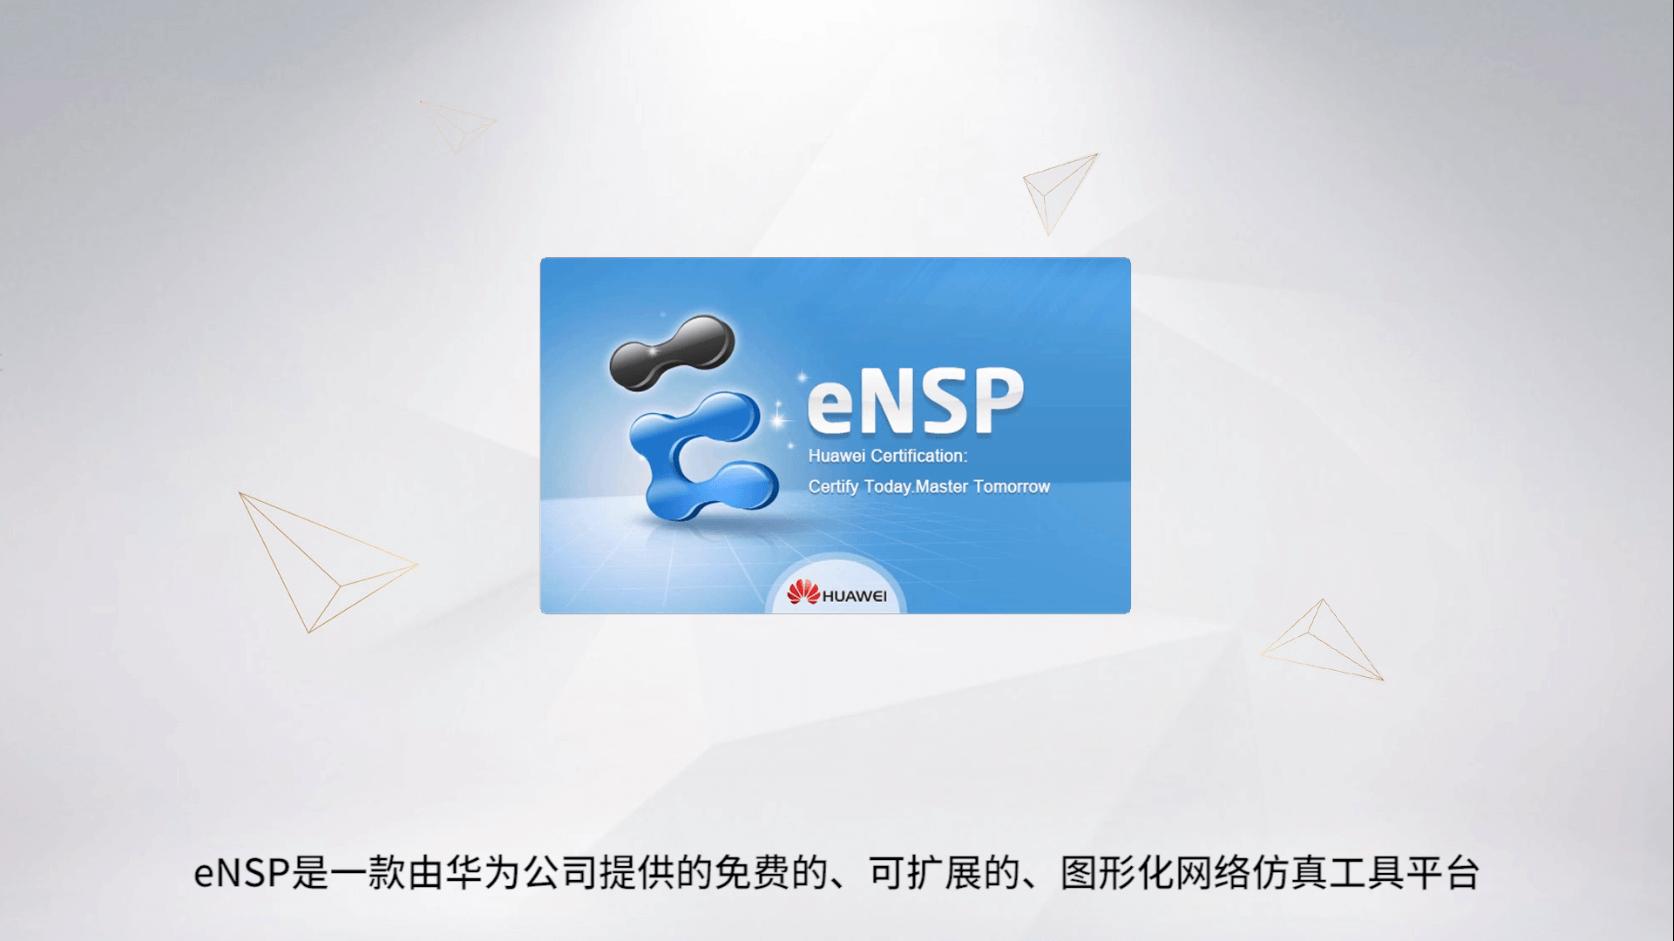 分享一个ensp模拟器-59学习网